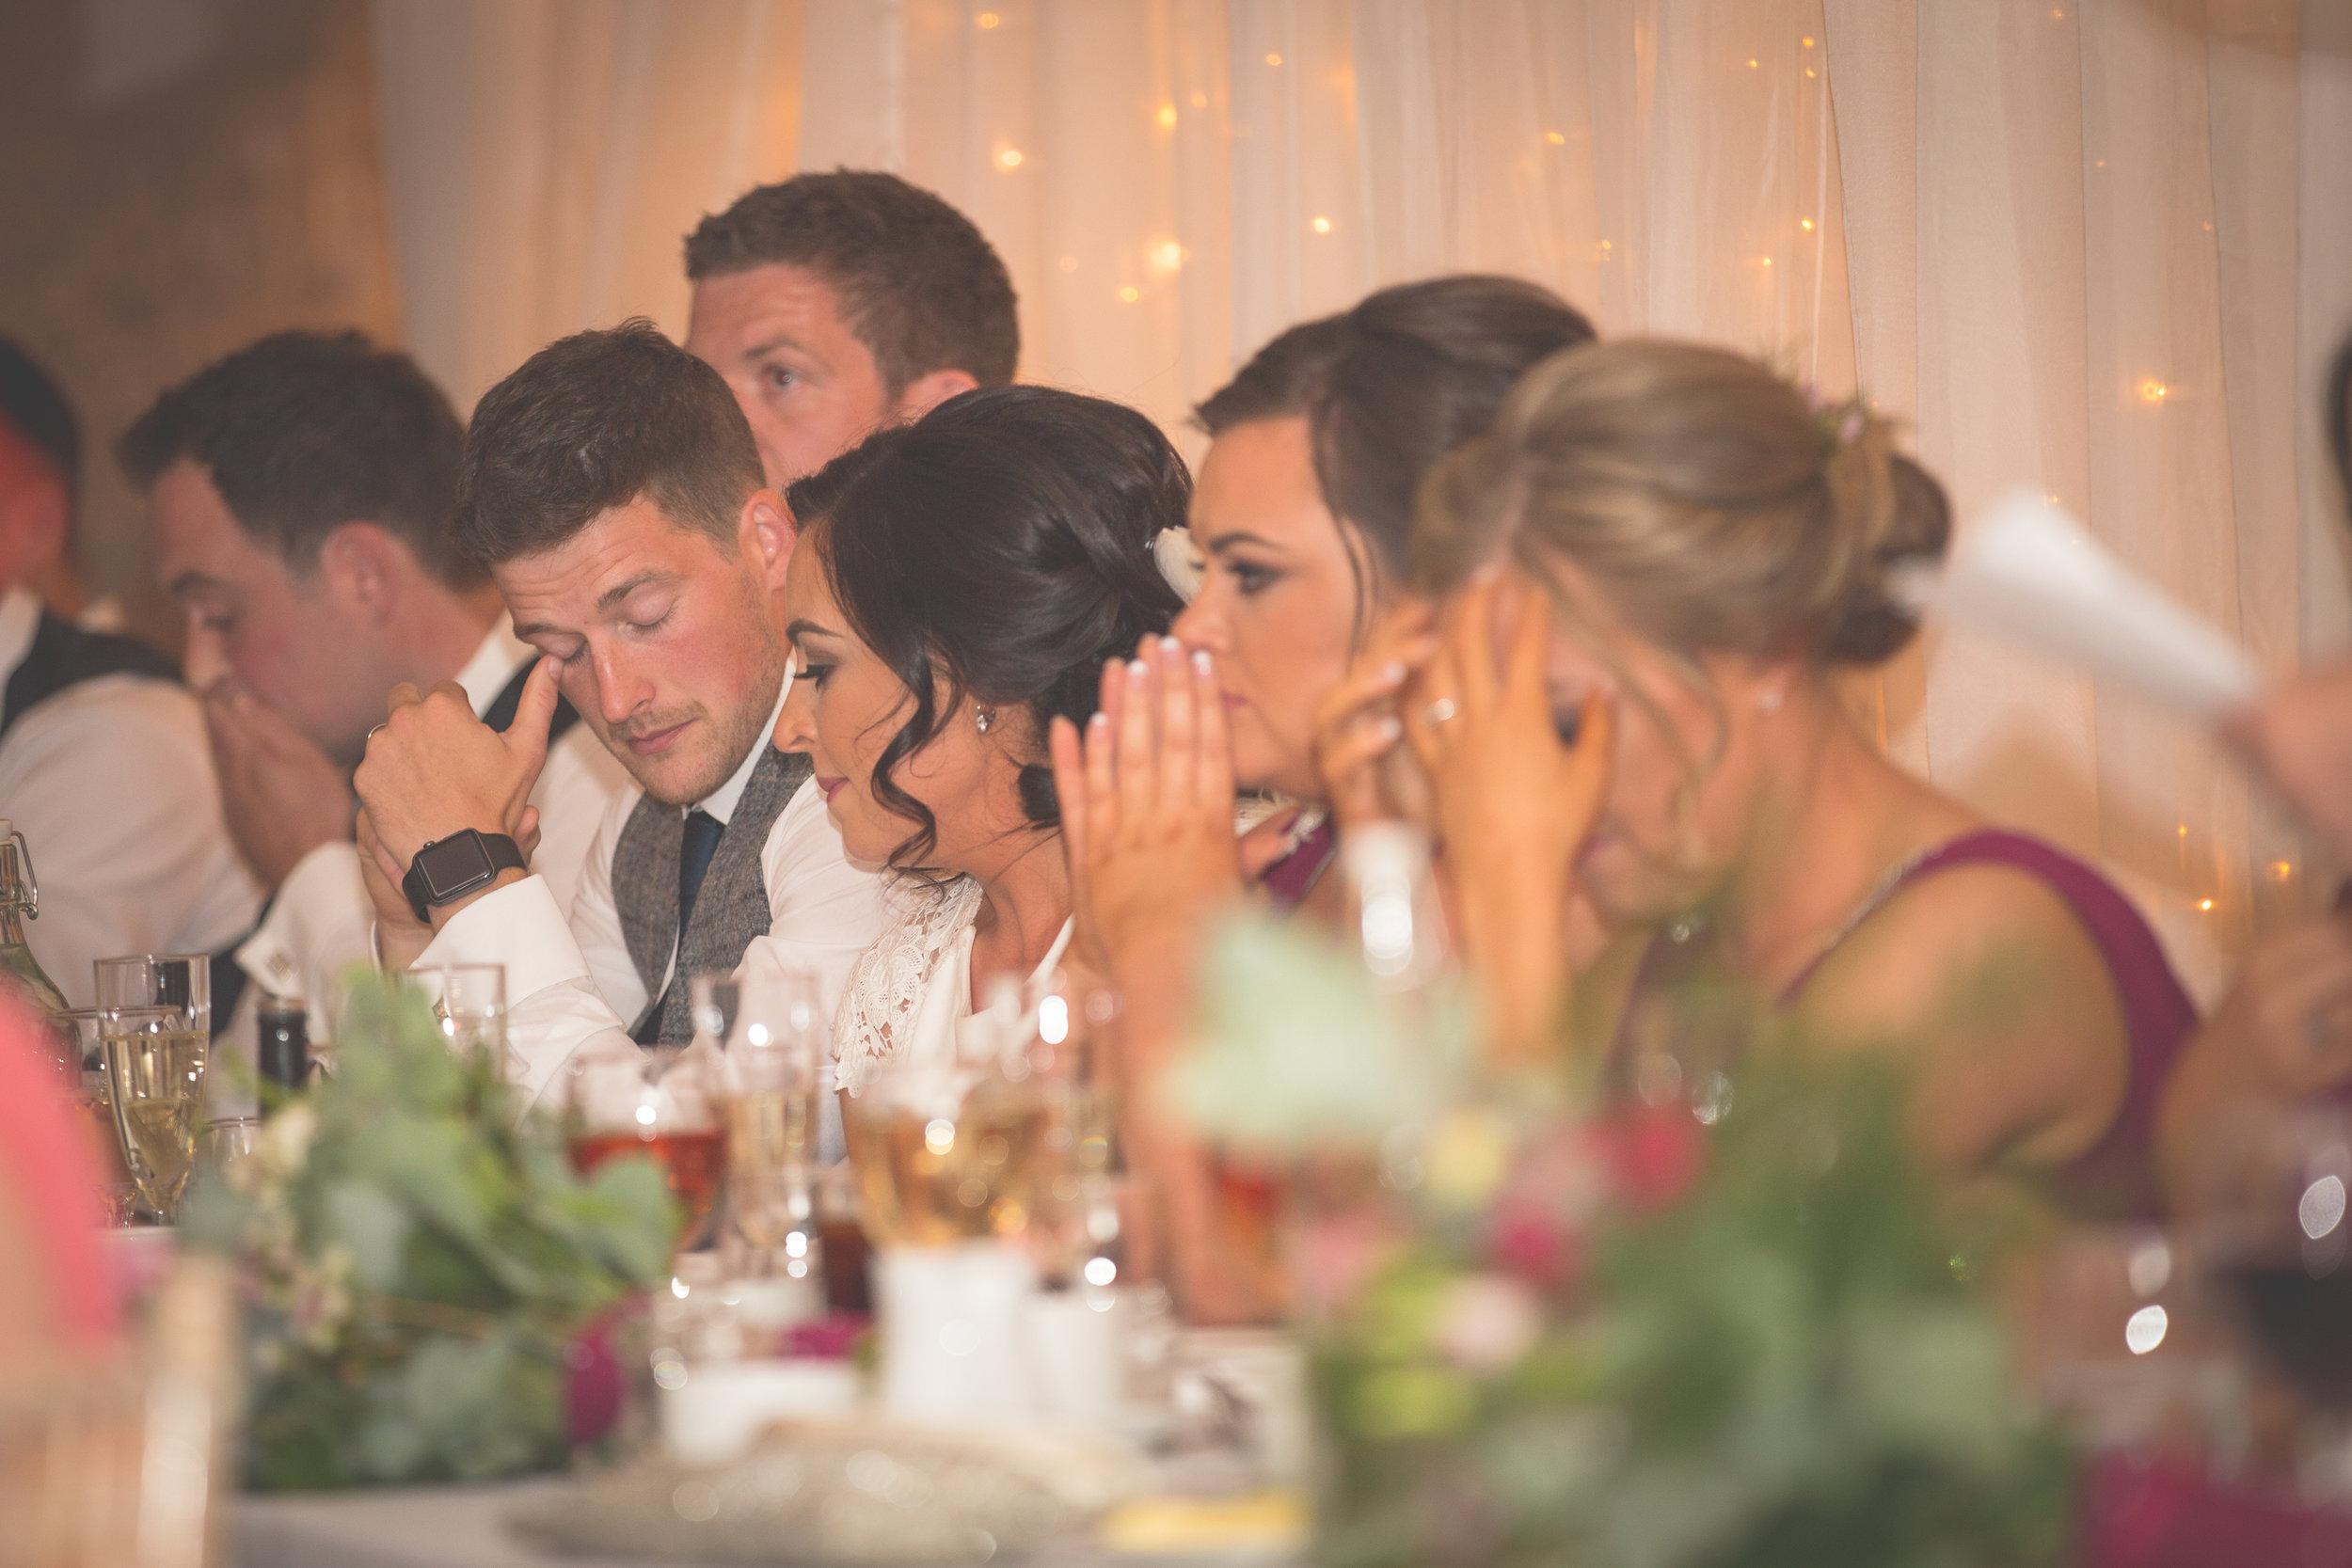 Brian McEwan Wedding Photography | Carol-Anne & Sean | The Speeches-60.jpg